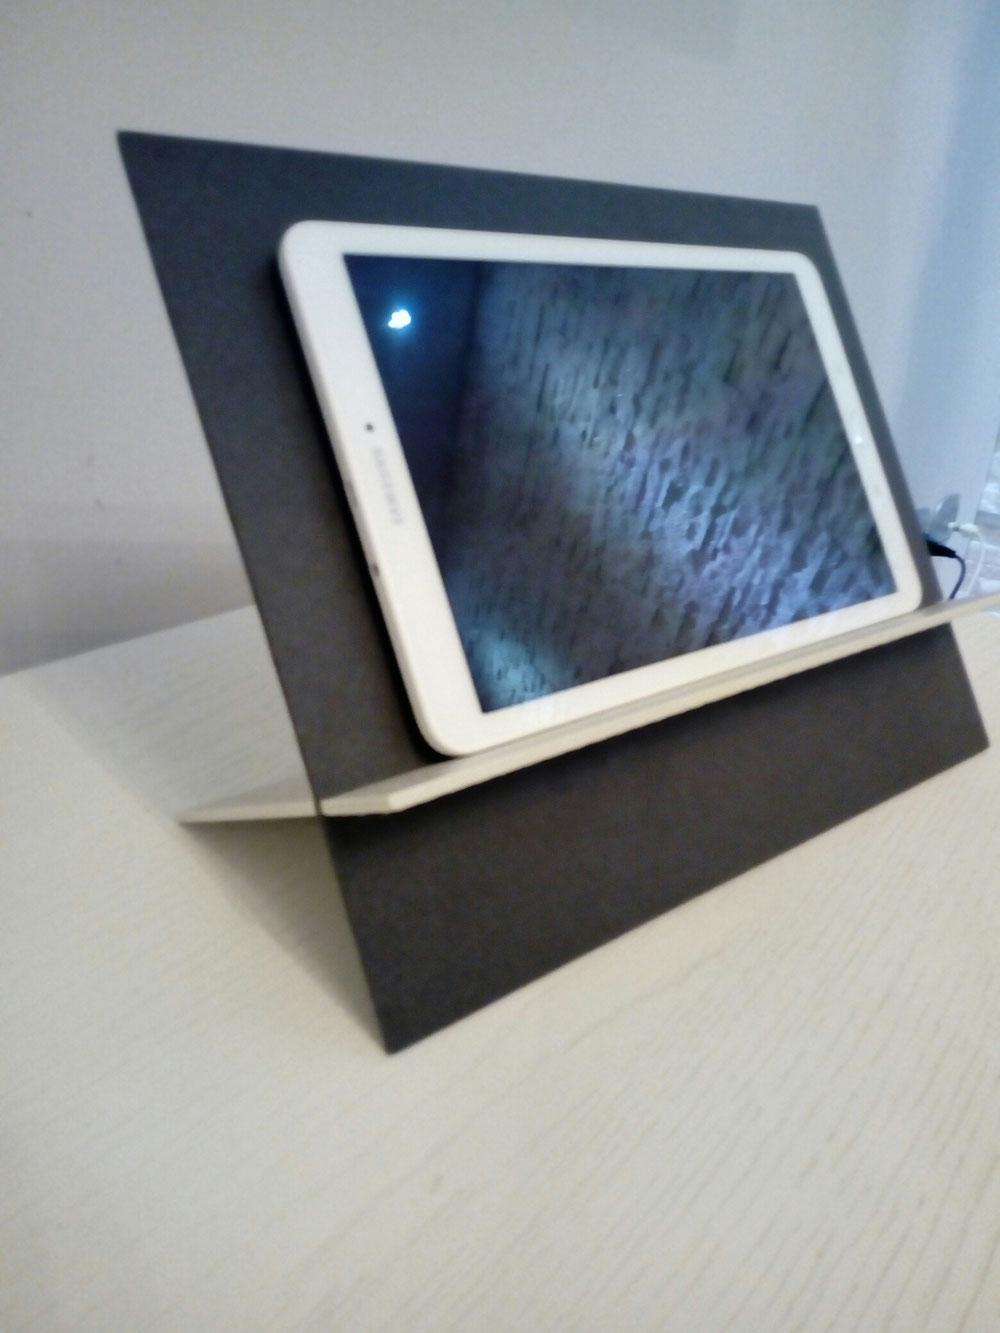 Porta tablet realizzato con piastrella a basso spessore